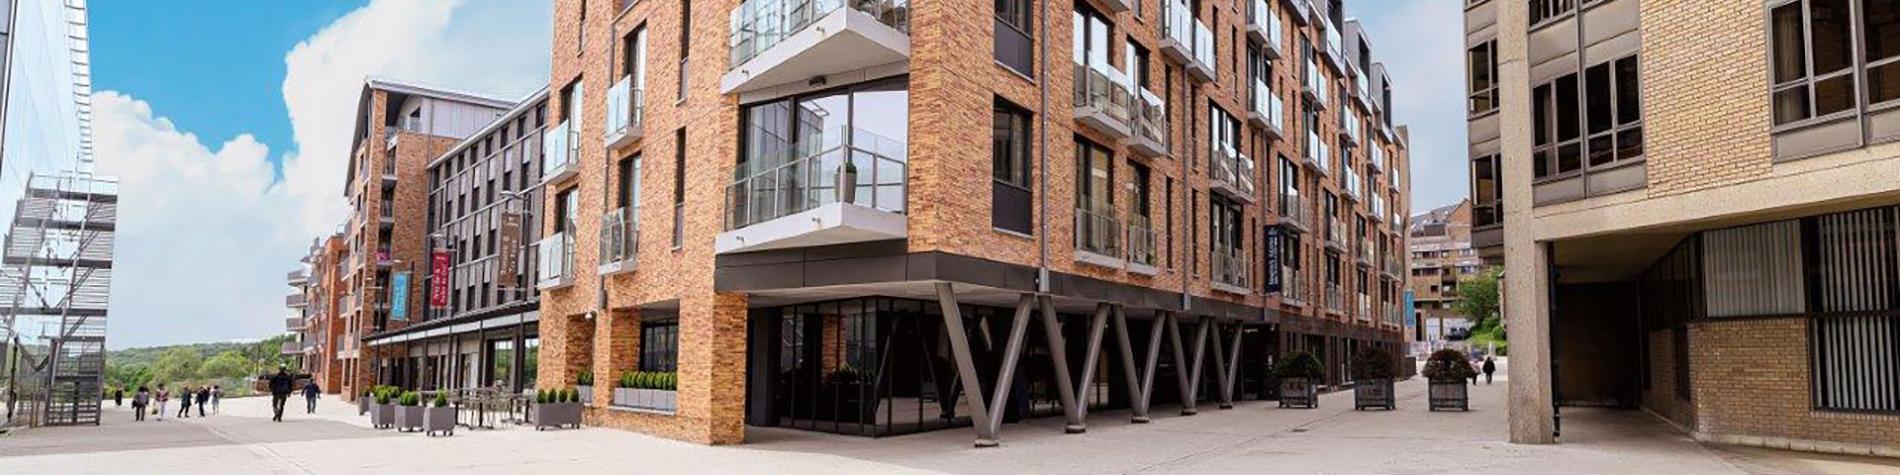 Martin's - All Suites - Louvain-la-Neuve - 102 suites ultra-équipées